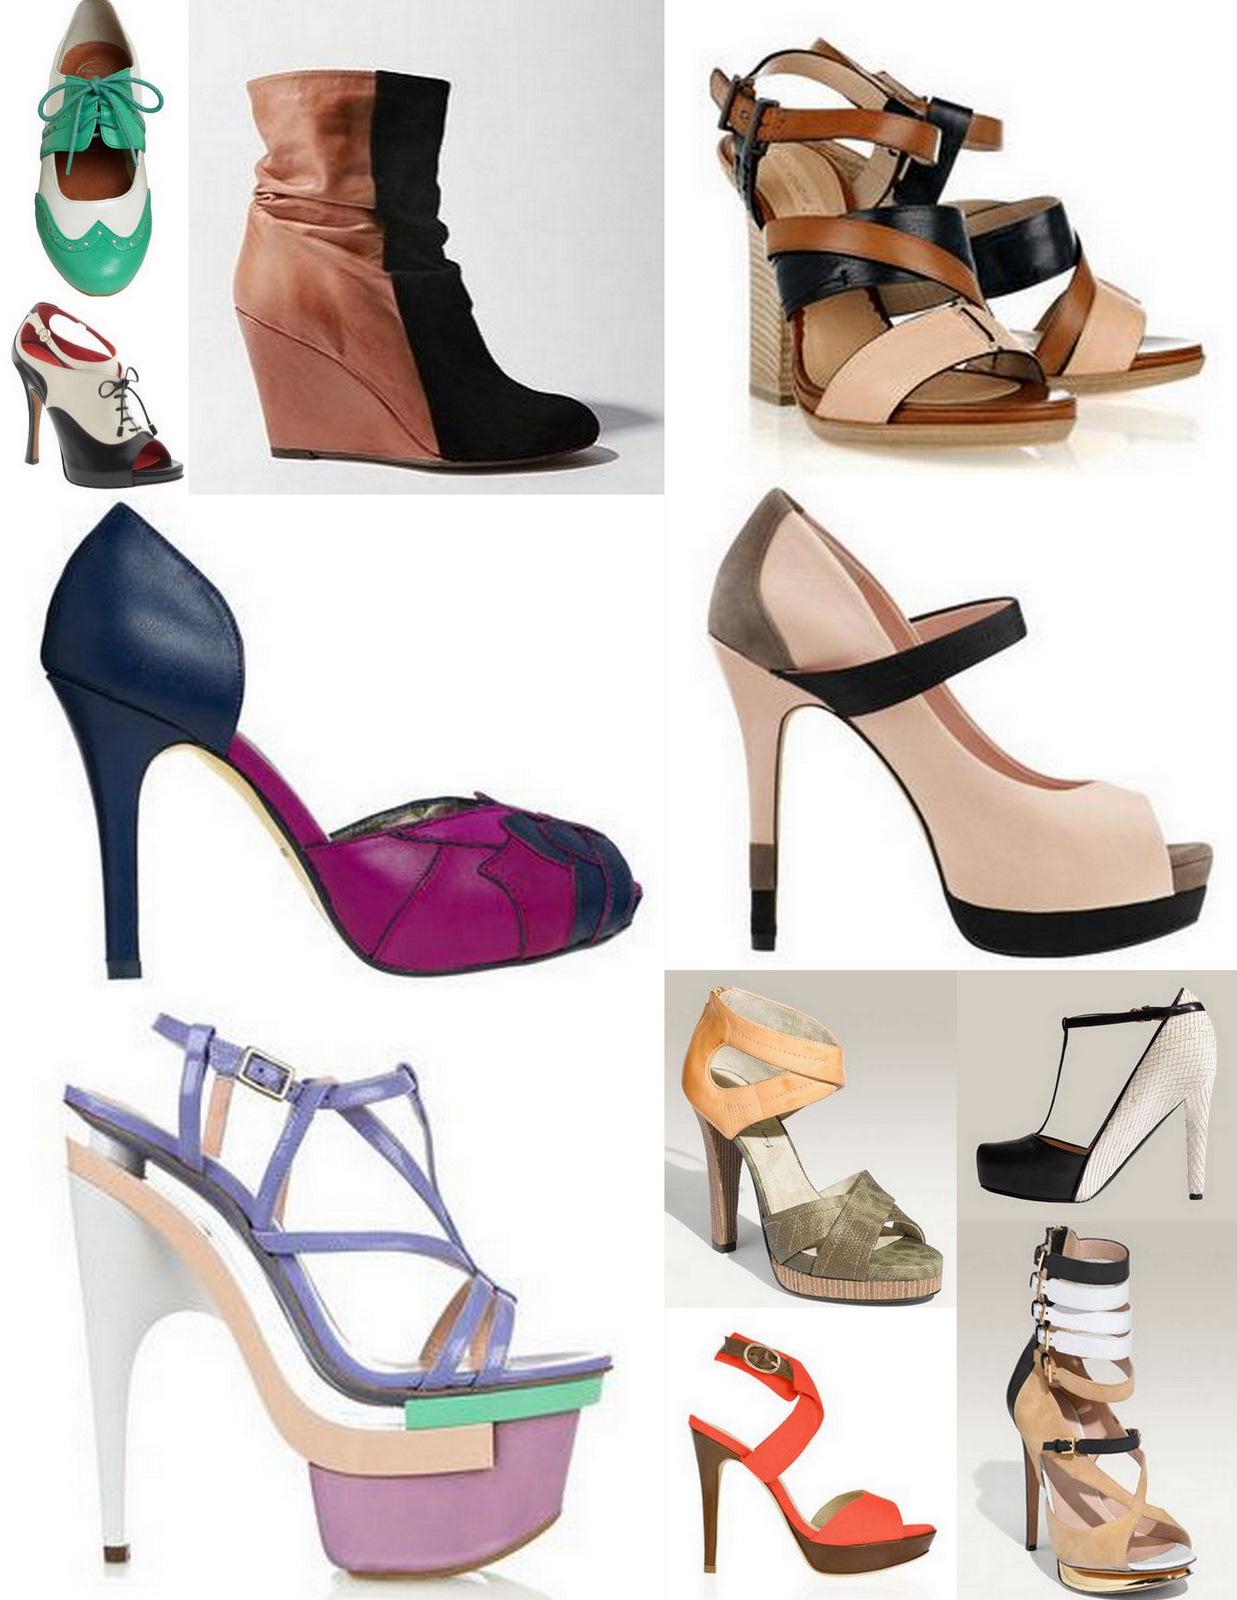 http://4.bp.blogspot.com/_BXxak5KgwUc/TTtHaLnxB1I/AAAAAAAAABg/dvxjPcxMLsY/s1600/ColorBlock.jpg